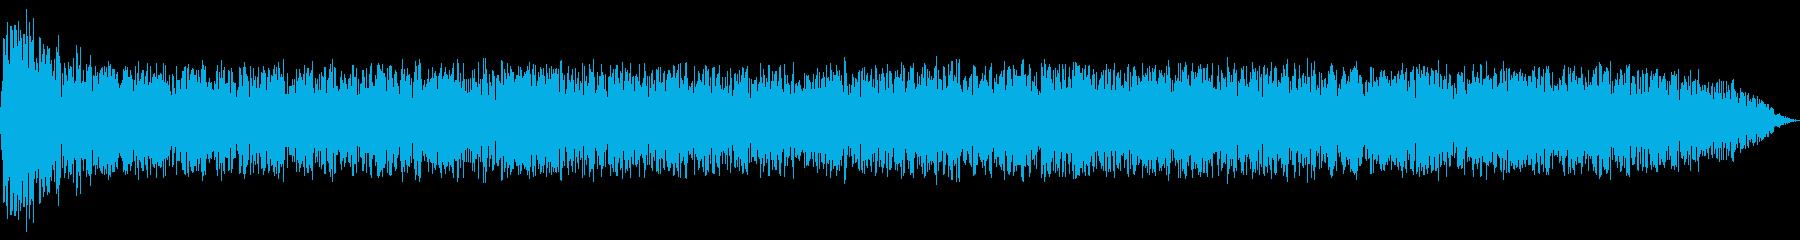 ロケット打ち上げ:一定のスラスター...の再生済みの波形